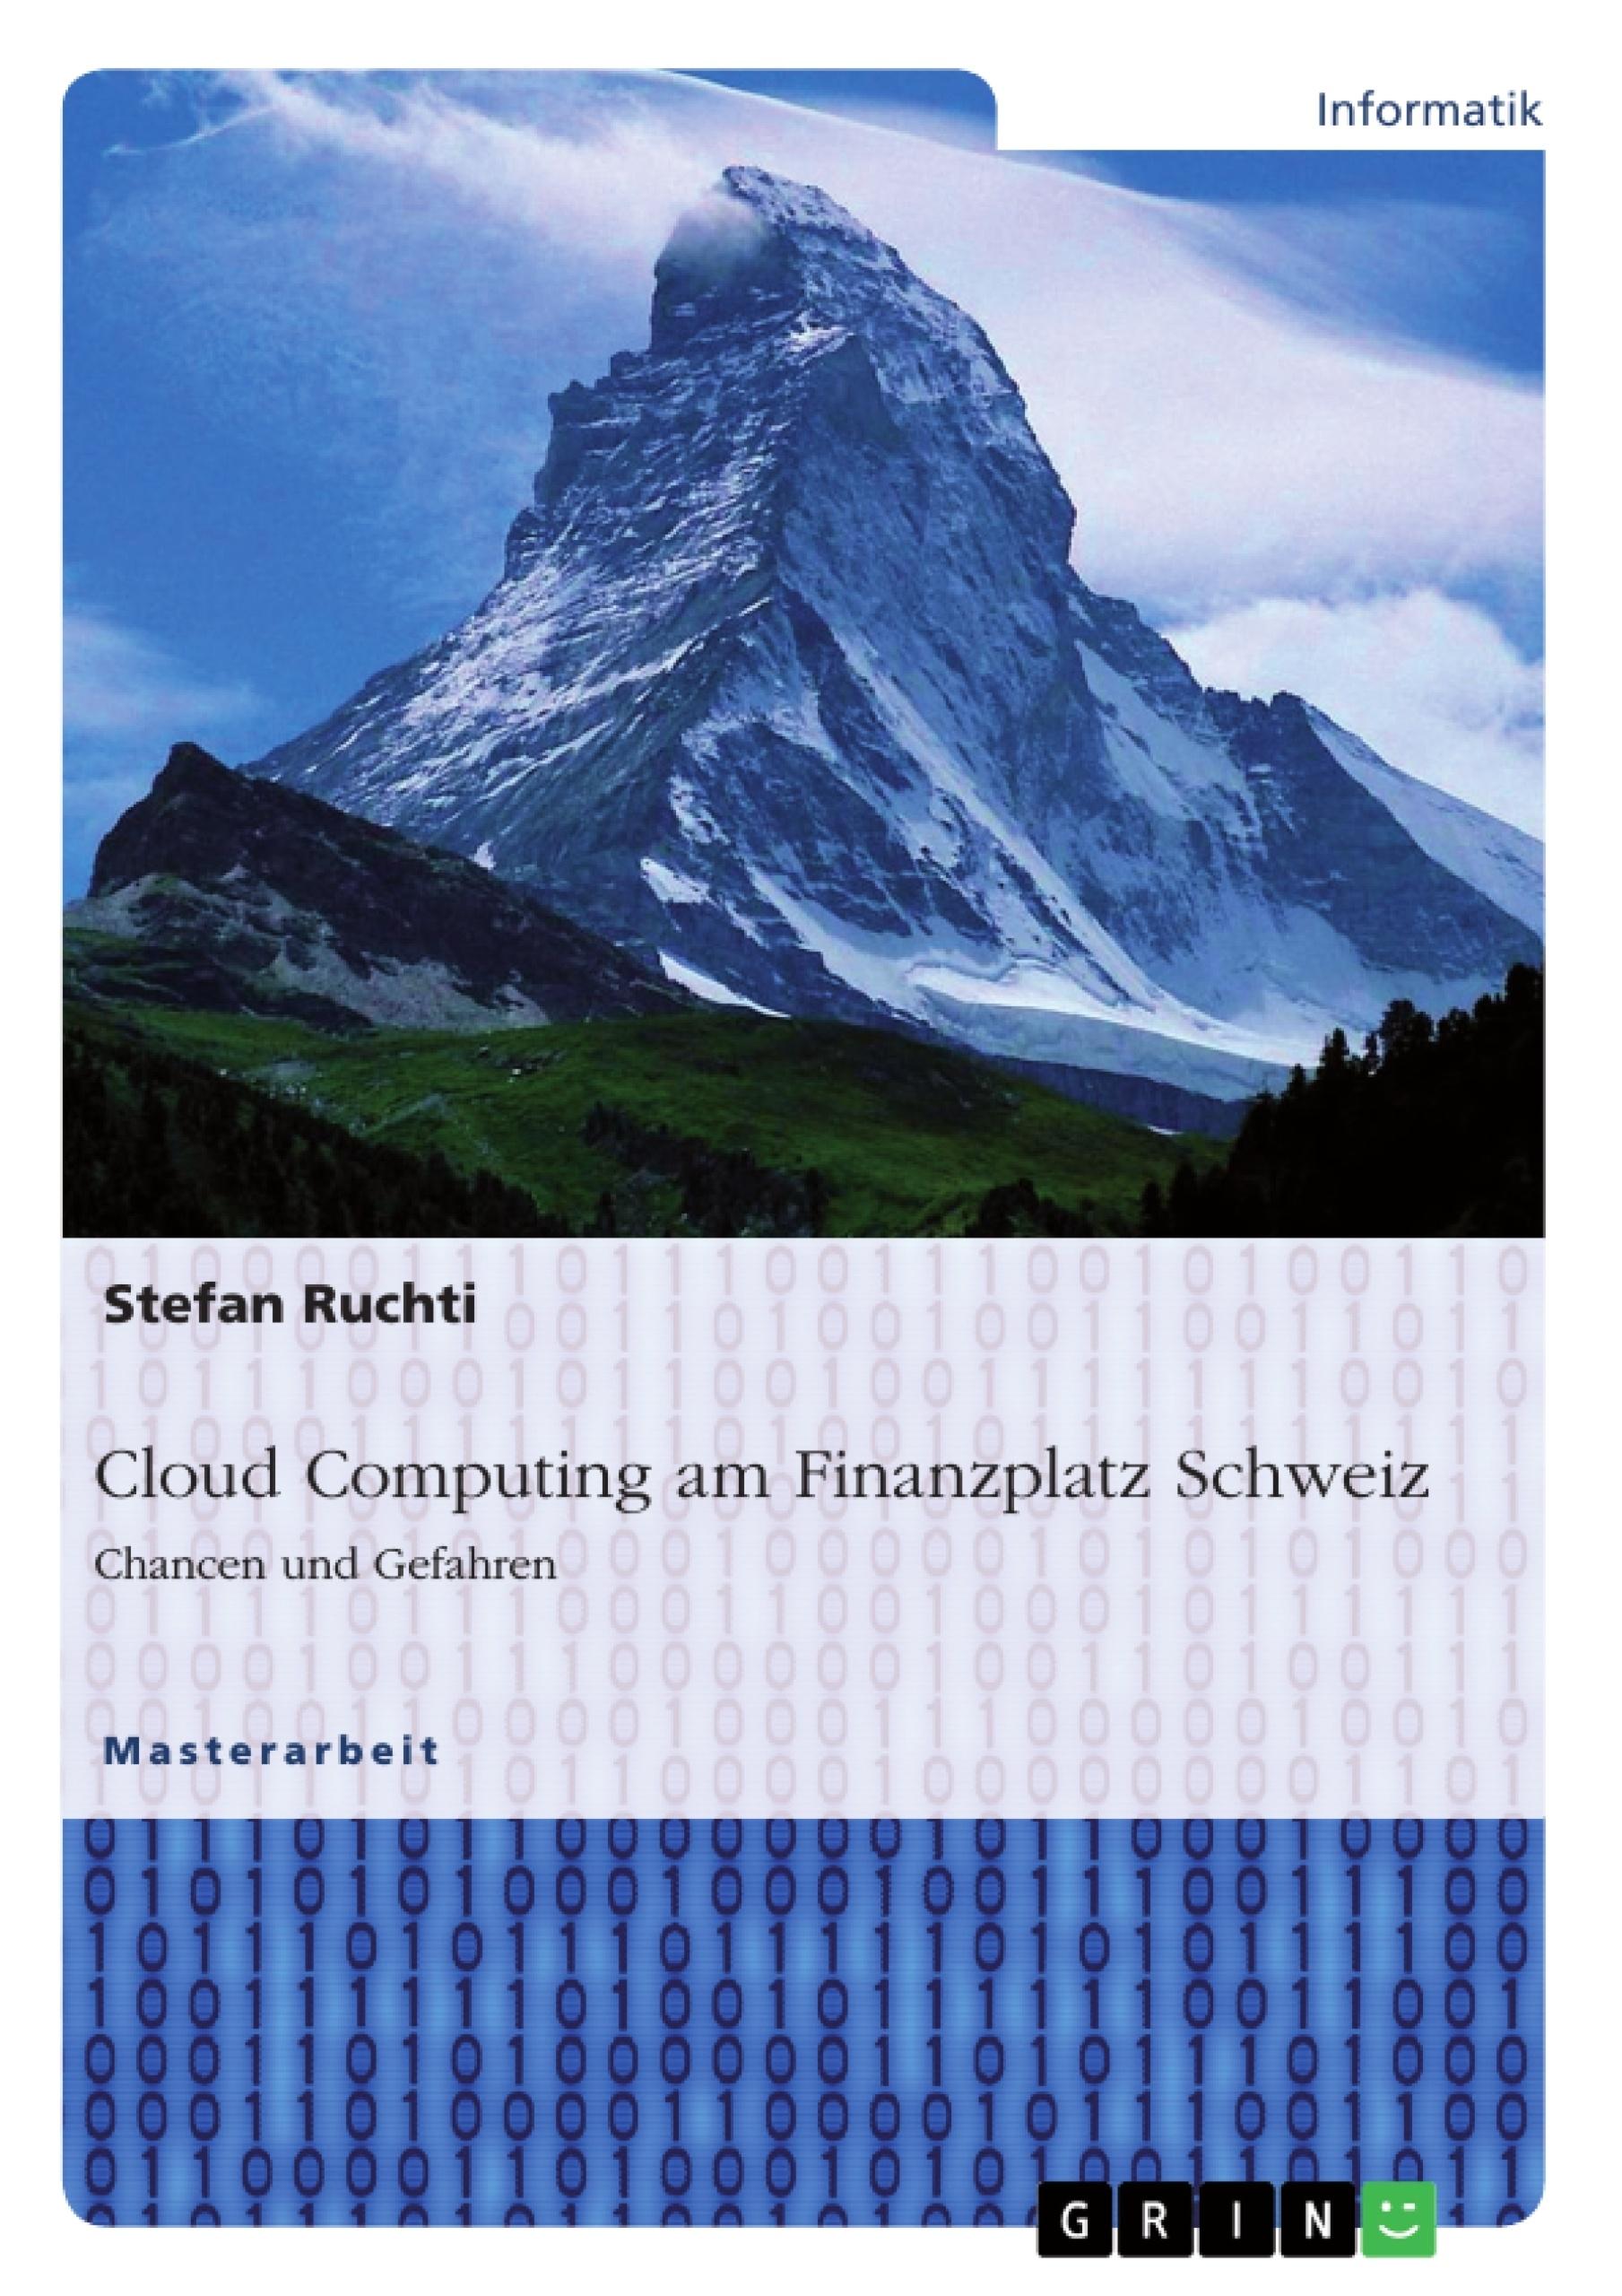 Titel: Cloud Computing am Finanzplatz Schweiz. Chancen und Gefahren